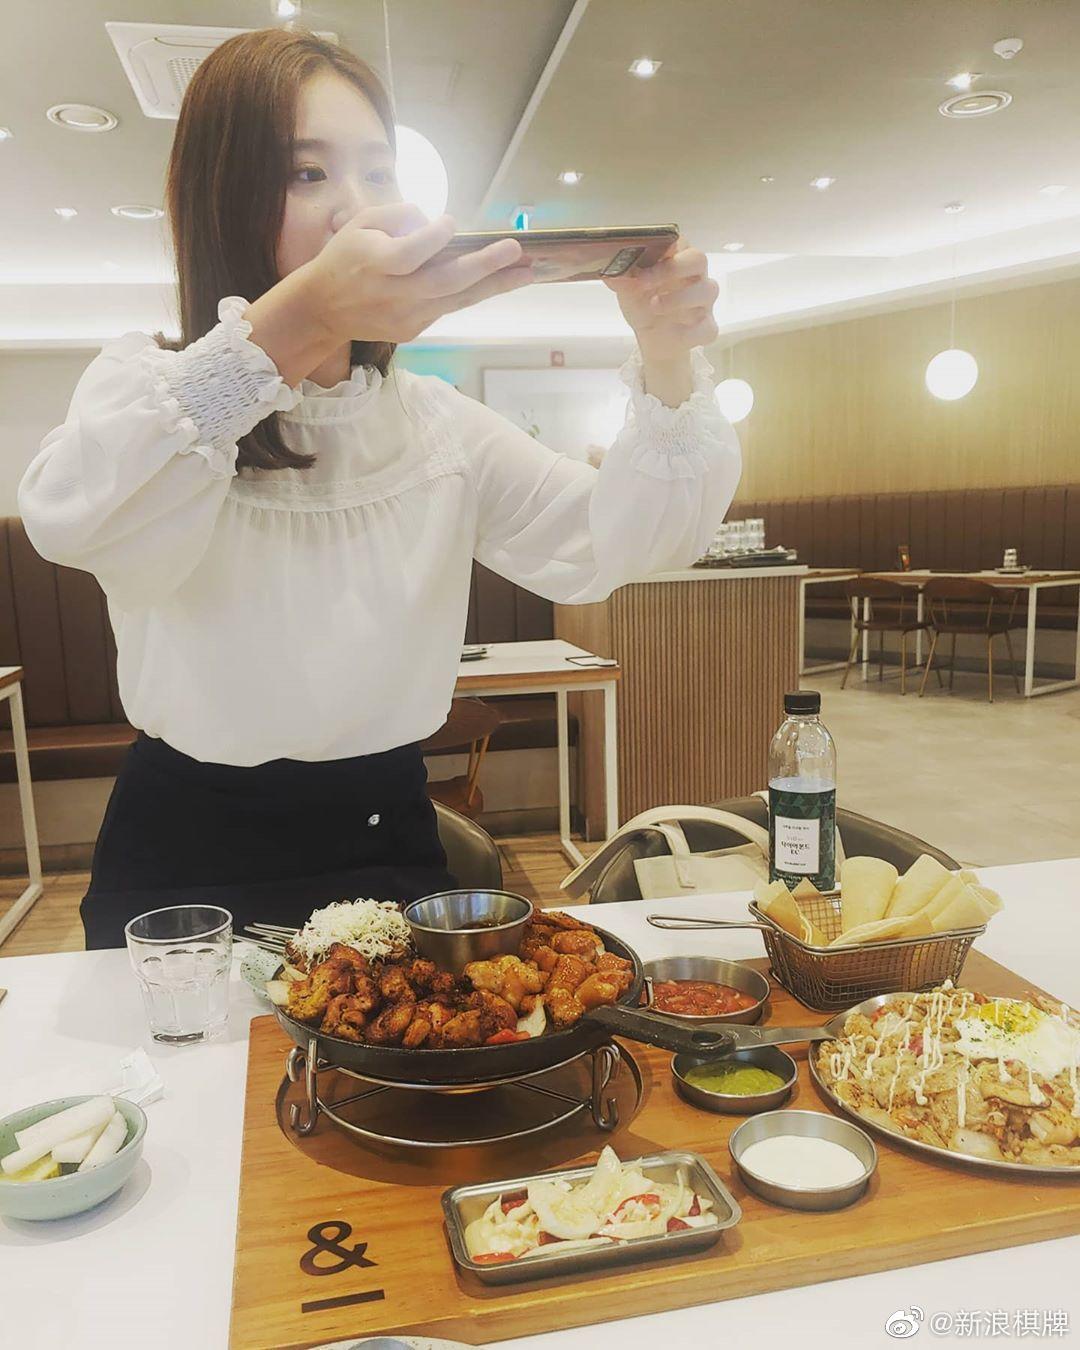 吴侑珍美少女和李裕真美少女约饭,美食和美女都好养眼图片来源